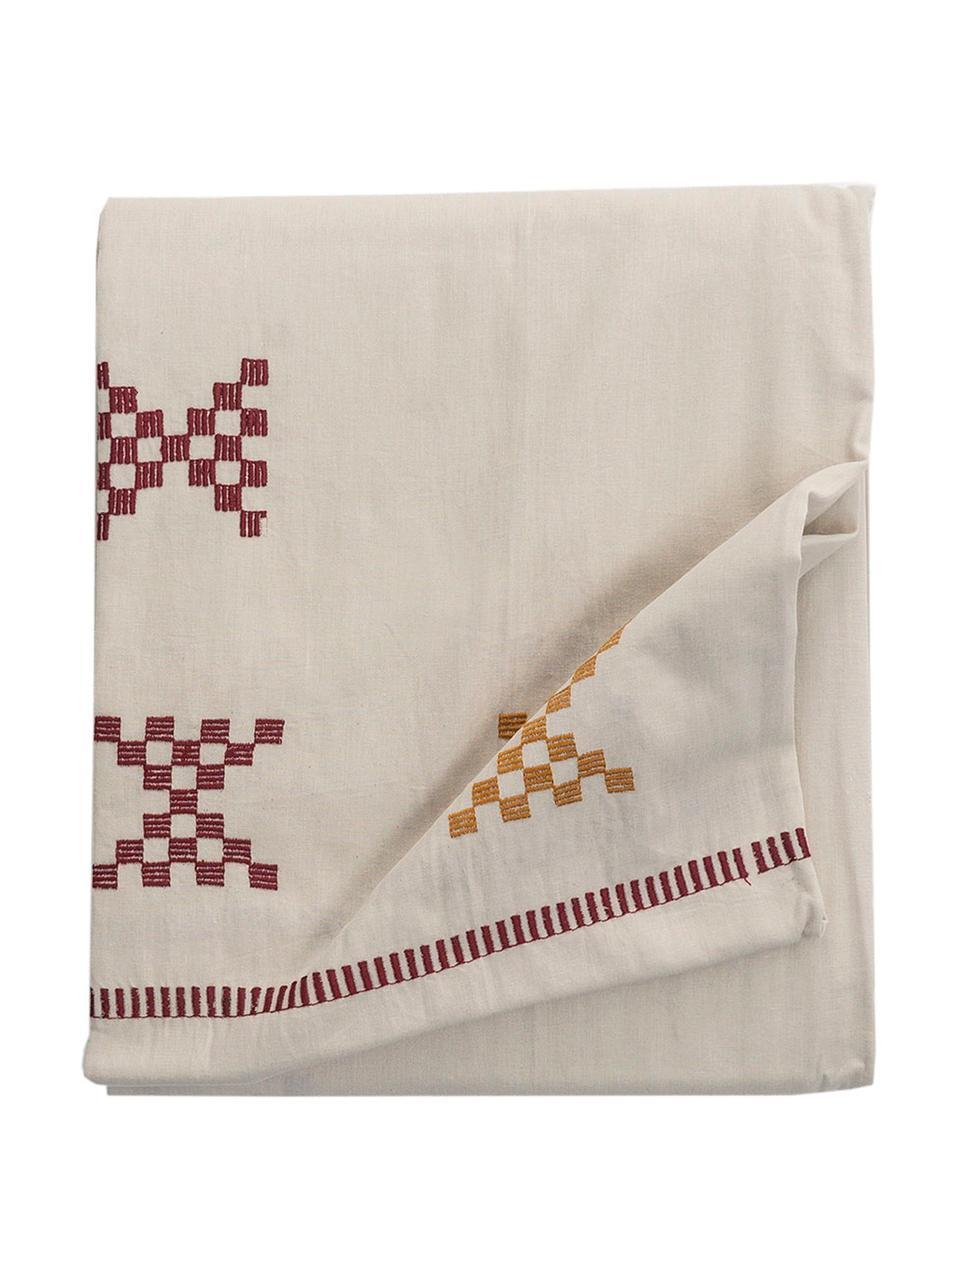 Nappe rustique en coton brodé Kelti, Blanc cassé, rouge, jaune